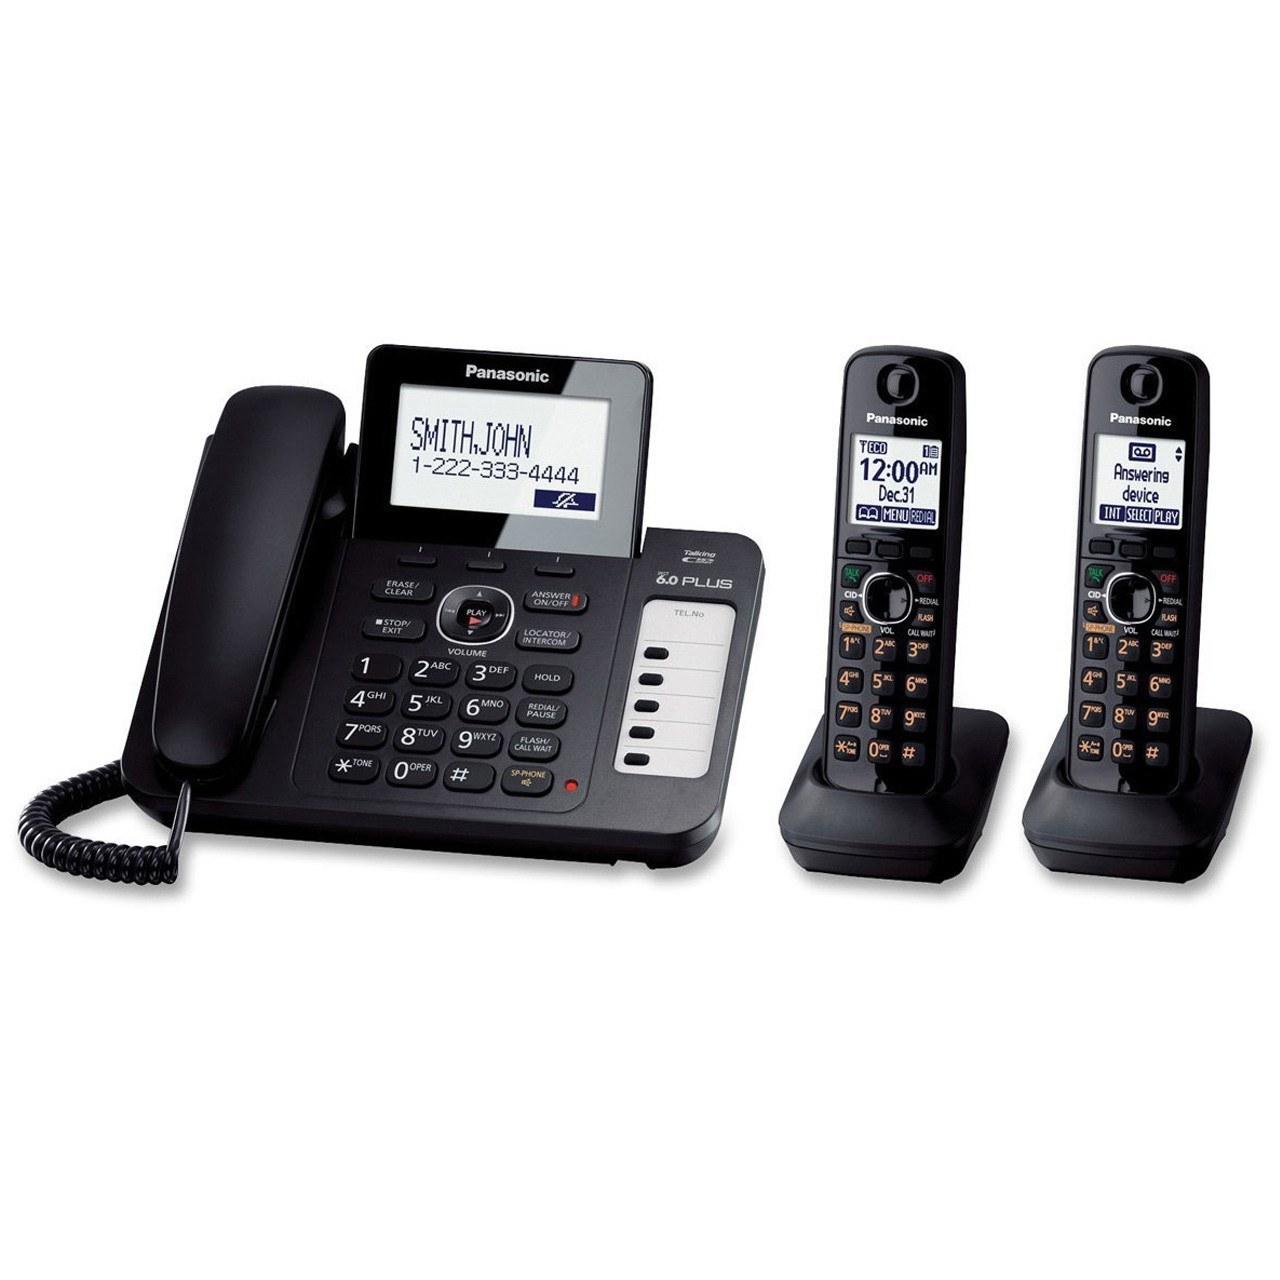 تصویر تلفن بی سیم پاناسونیک مدل KX-TG6672 (مدل KX-TG6671 با یک گوشی بیسیم اضافه)